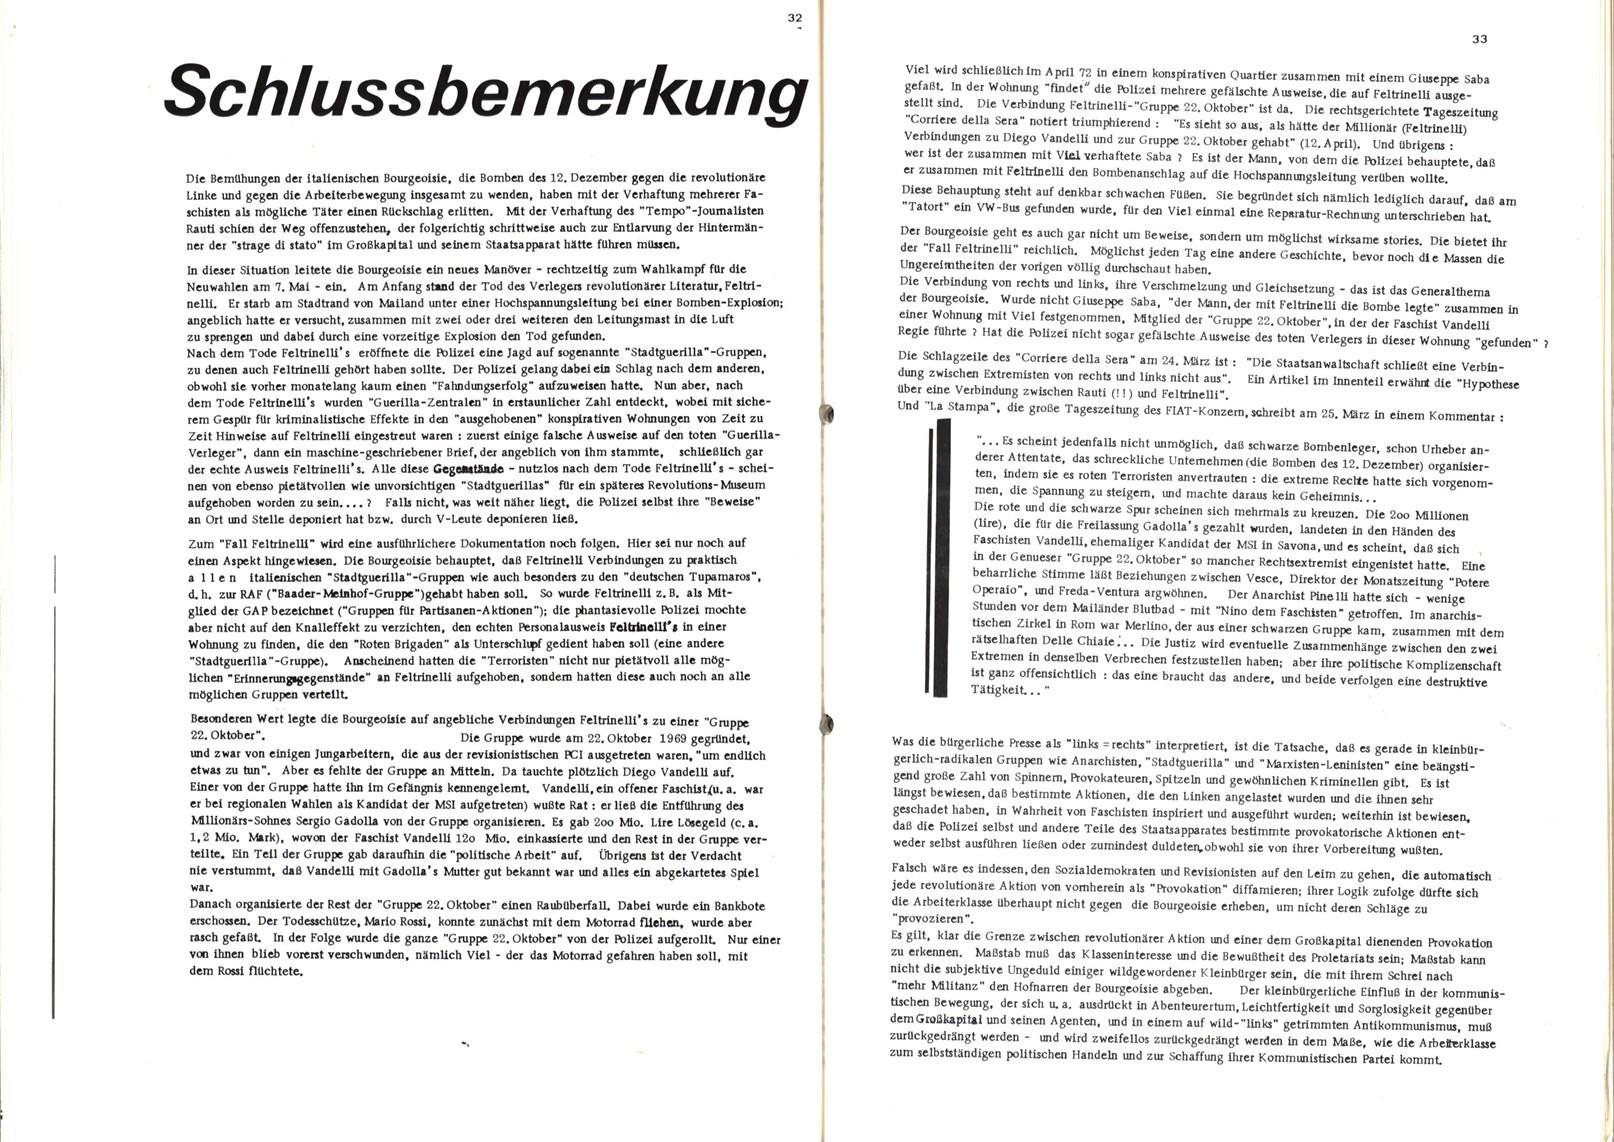 KB_Unser_Weg_19720600_17